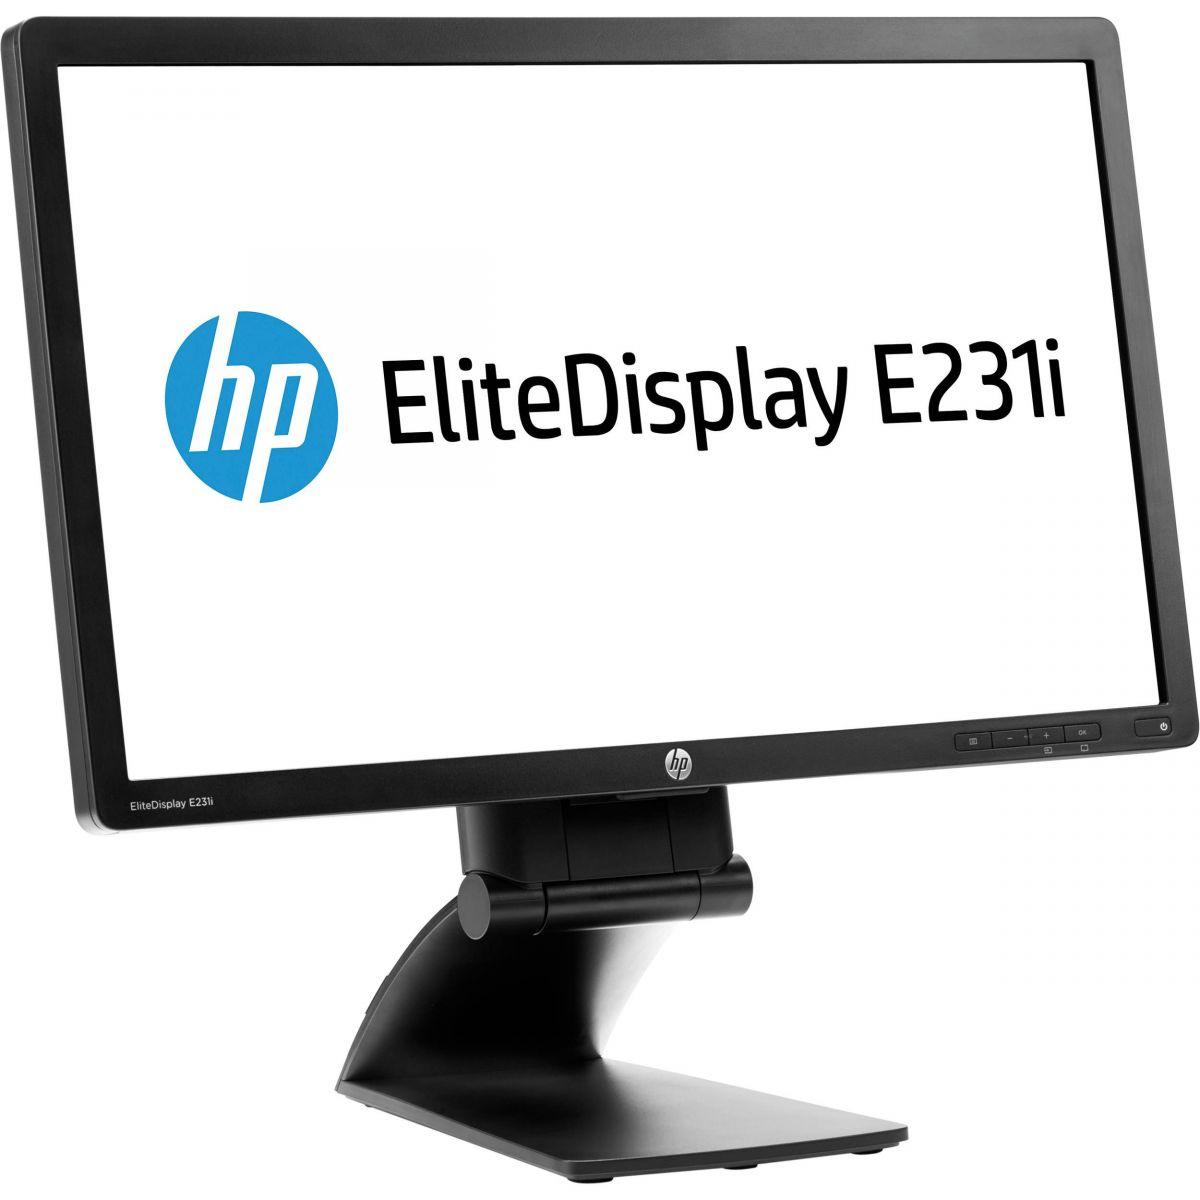 HP Monitor 23'' EliteDisplay E231